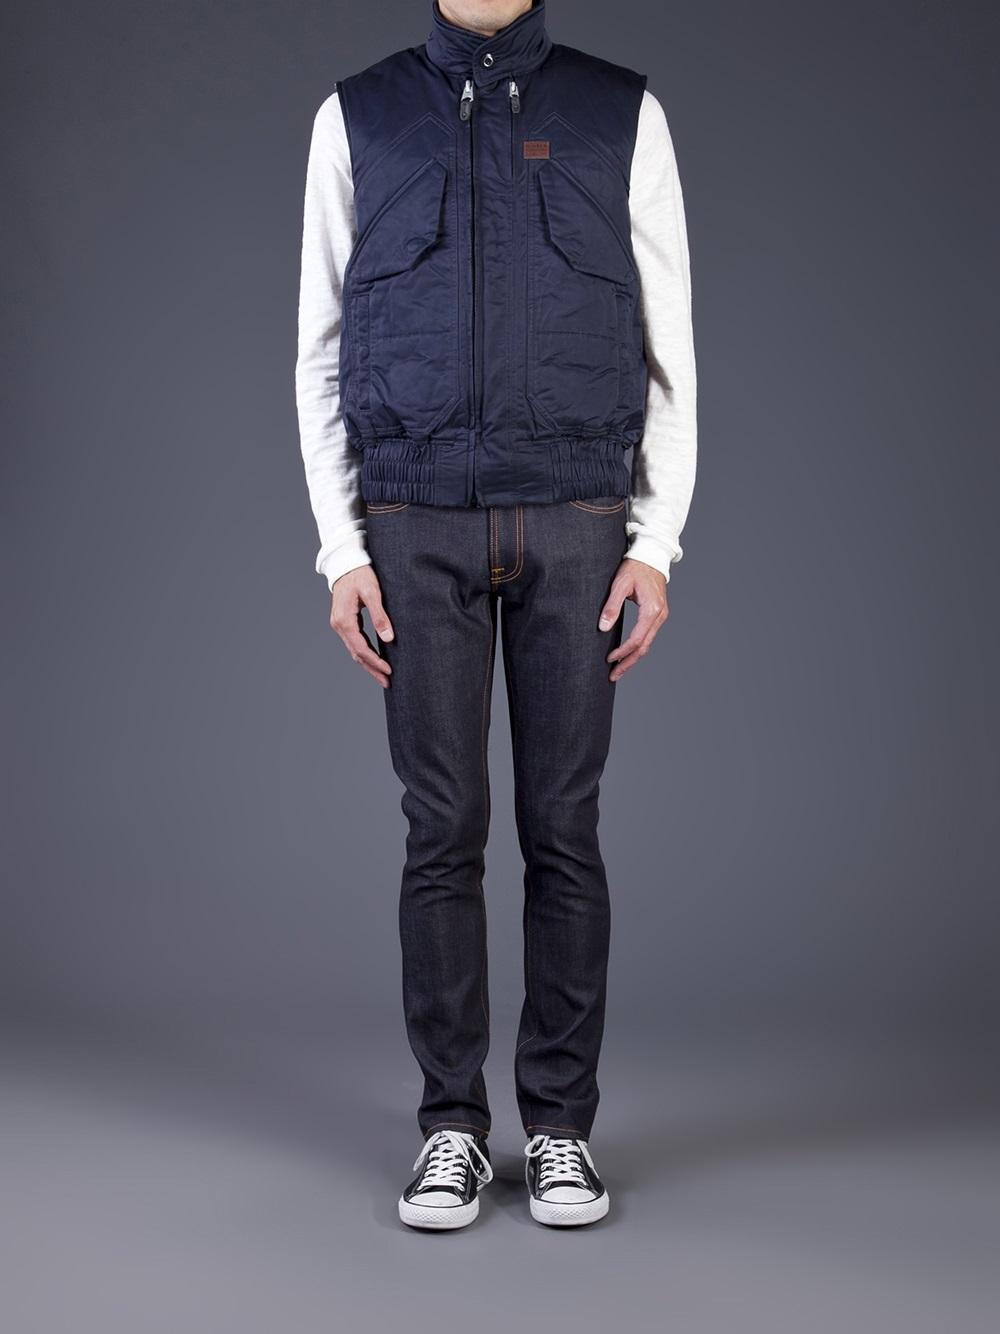 veste homme g star atlas vest jacket size s valeur 190 ebay. Black Bedroom Furniture Sets. Home Design Ideas